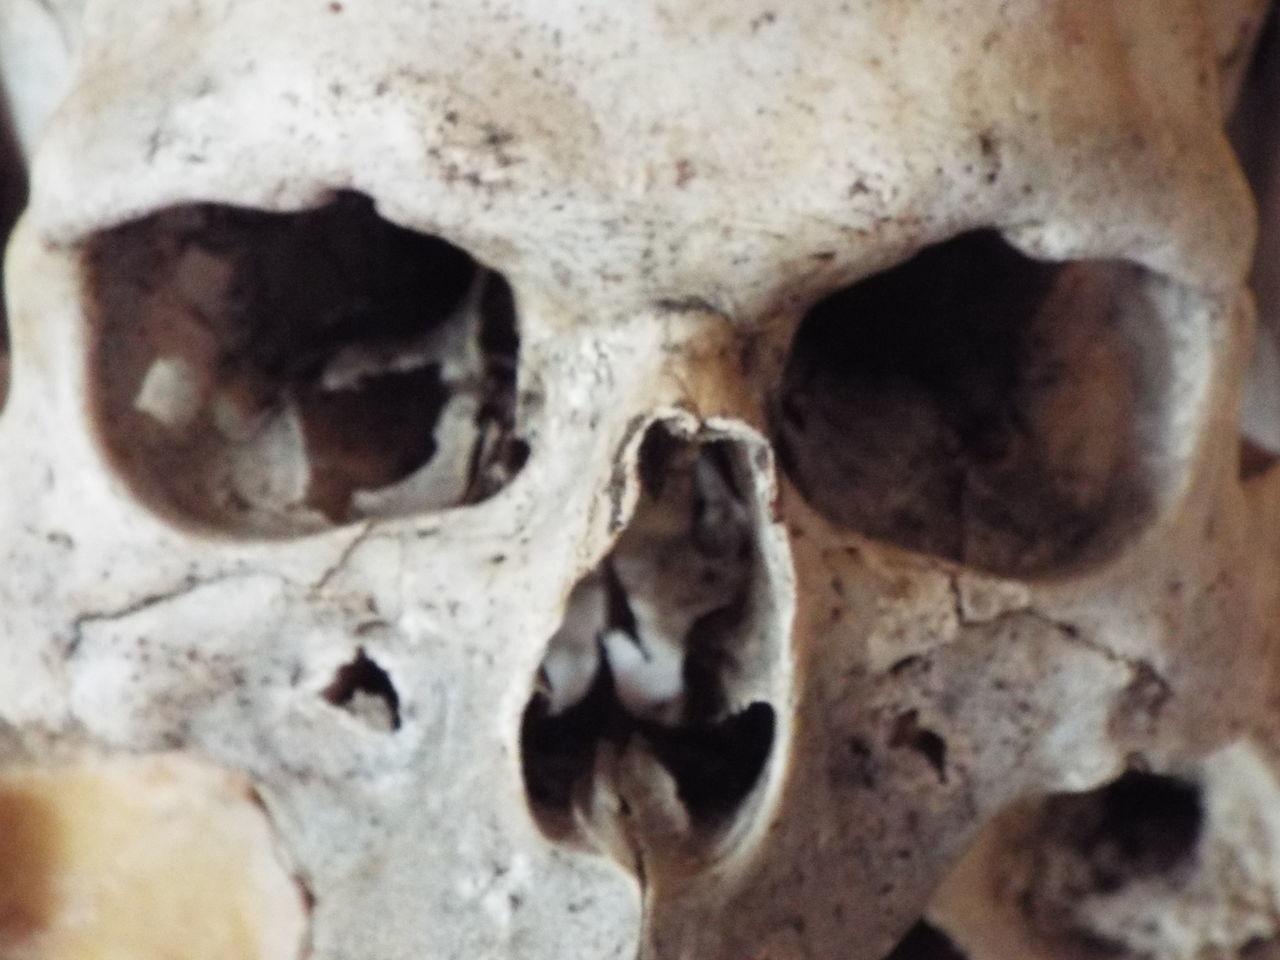 human skull, animal skull, bone, human skeleton, skull, spooky, animal bone, animal body part, close-up, human bone, skeleton, human body part, anatomy, indoors, horror, day